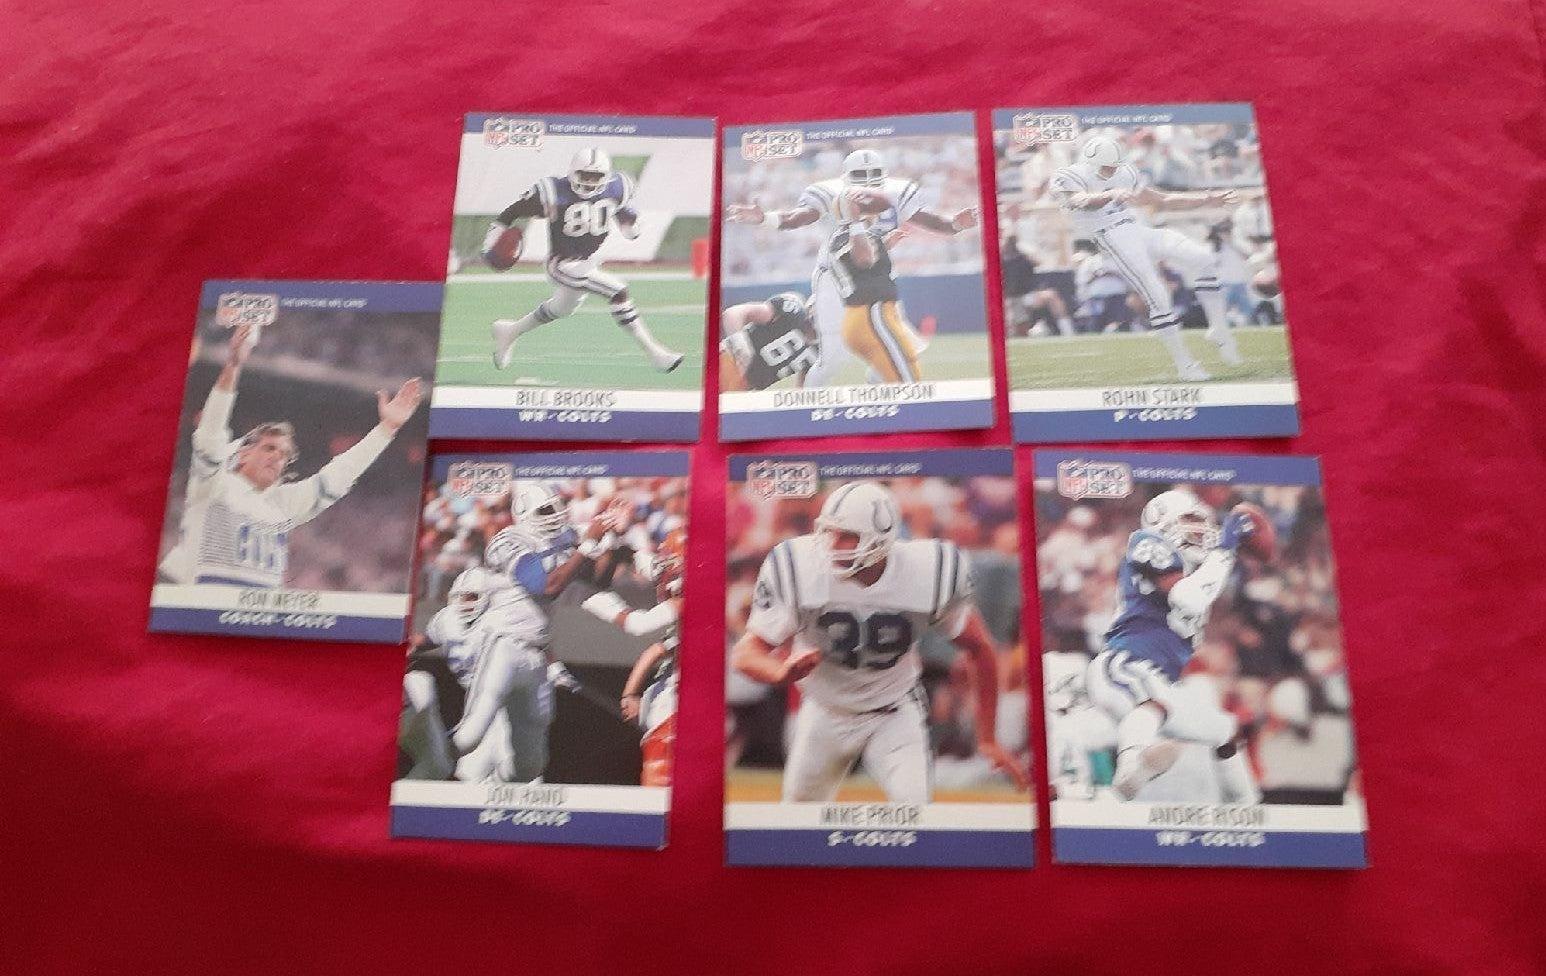 1990 NFL Pro Set Colts Card Lot (7)